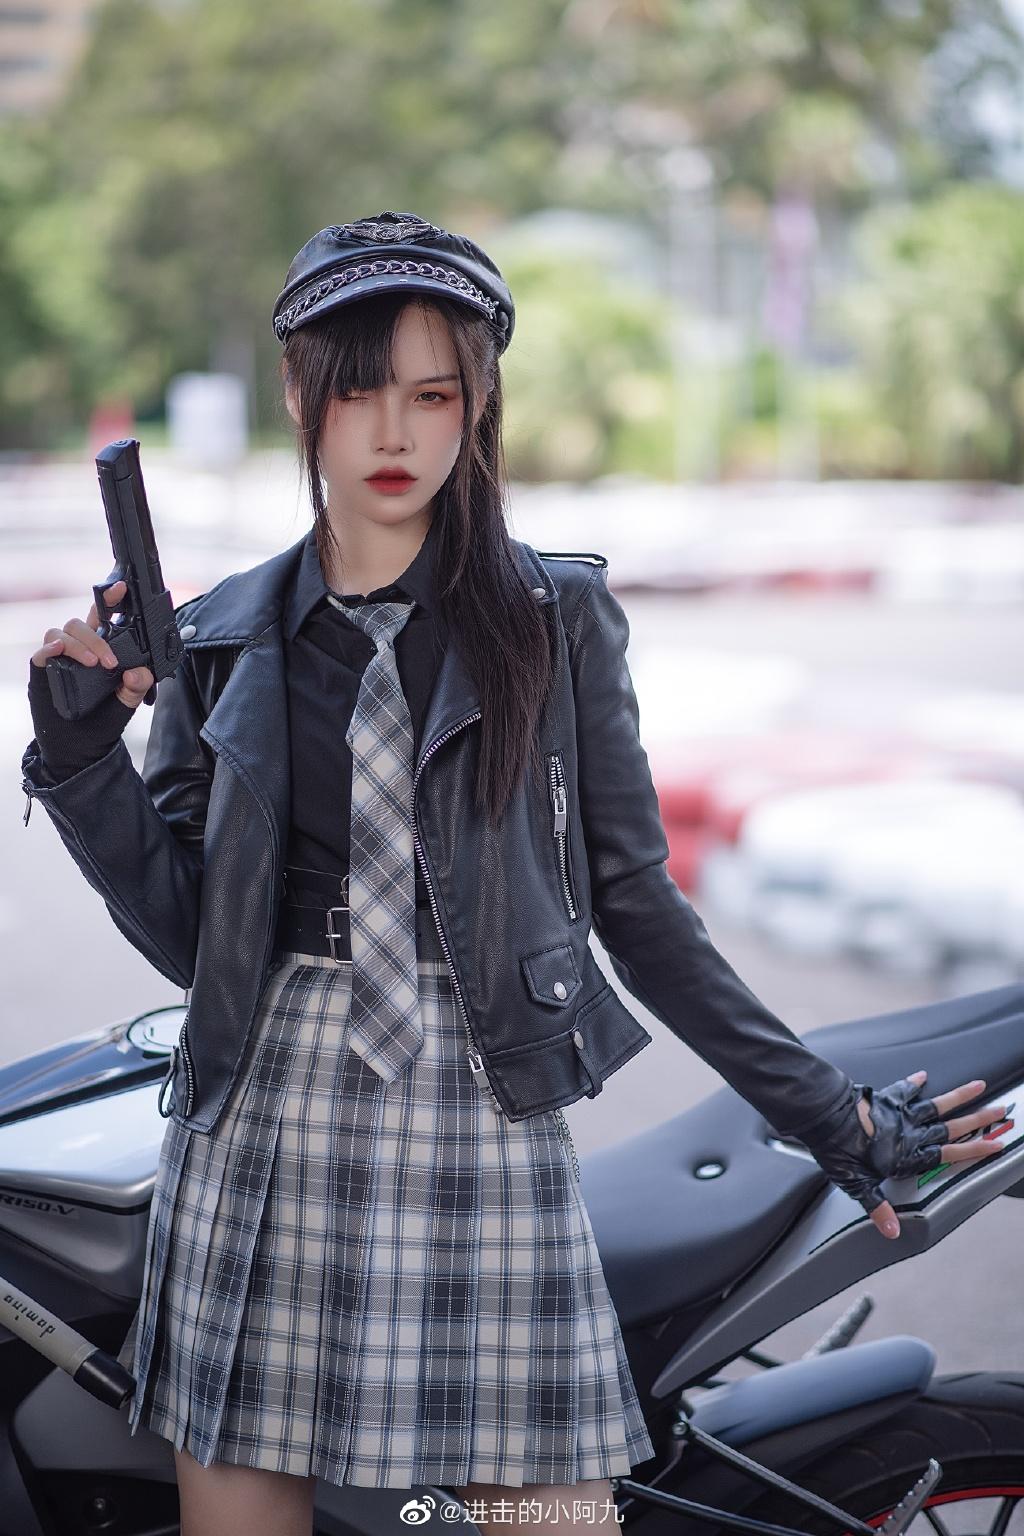 微博妹纸推荐@进击的小阿九,机车JK制服少女黑粉预览图-觅爱图